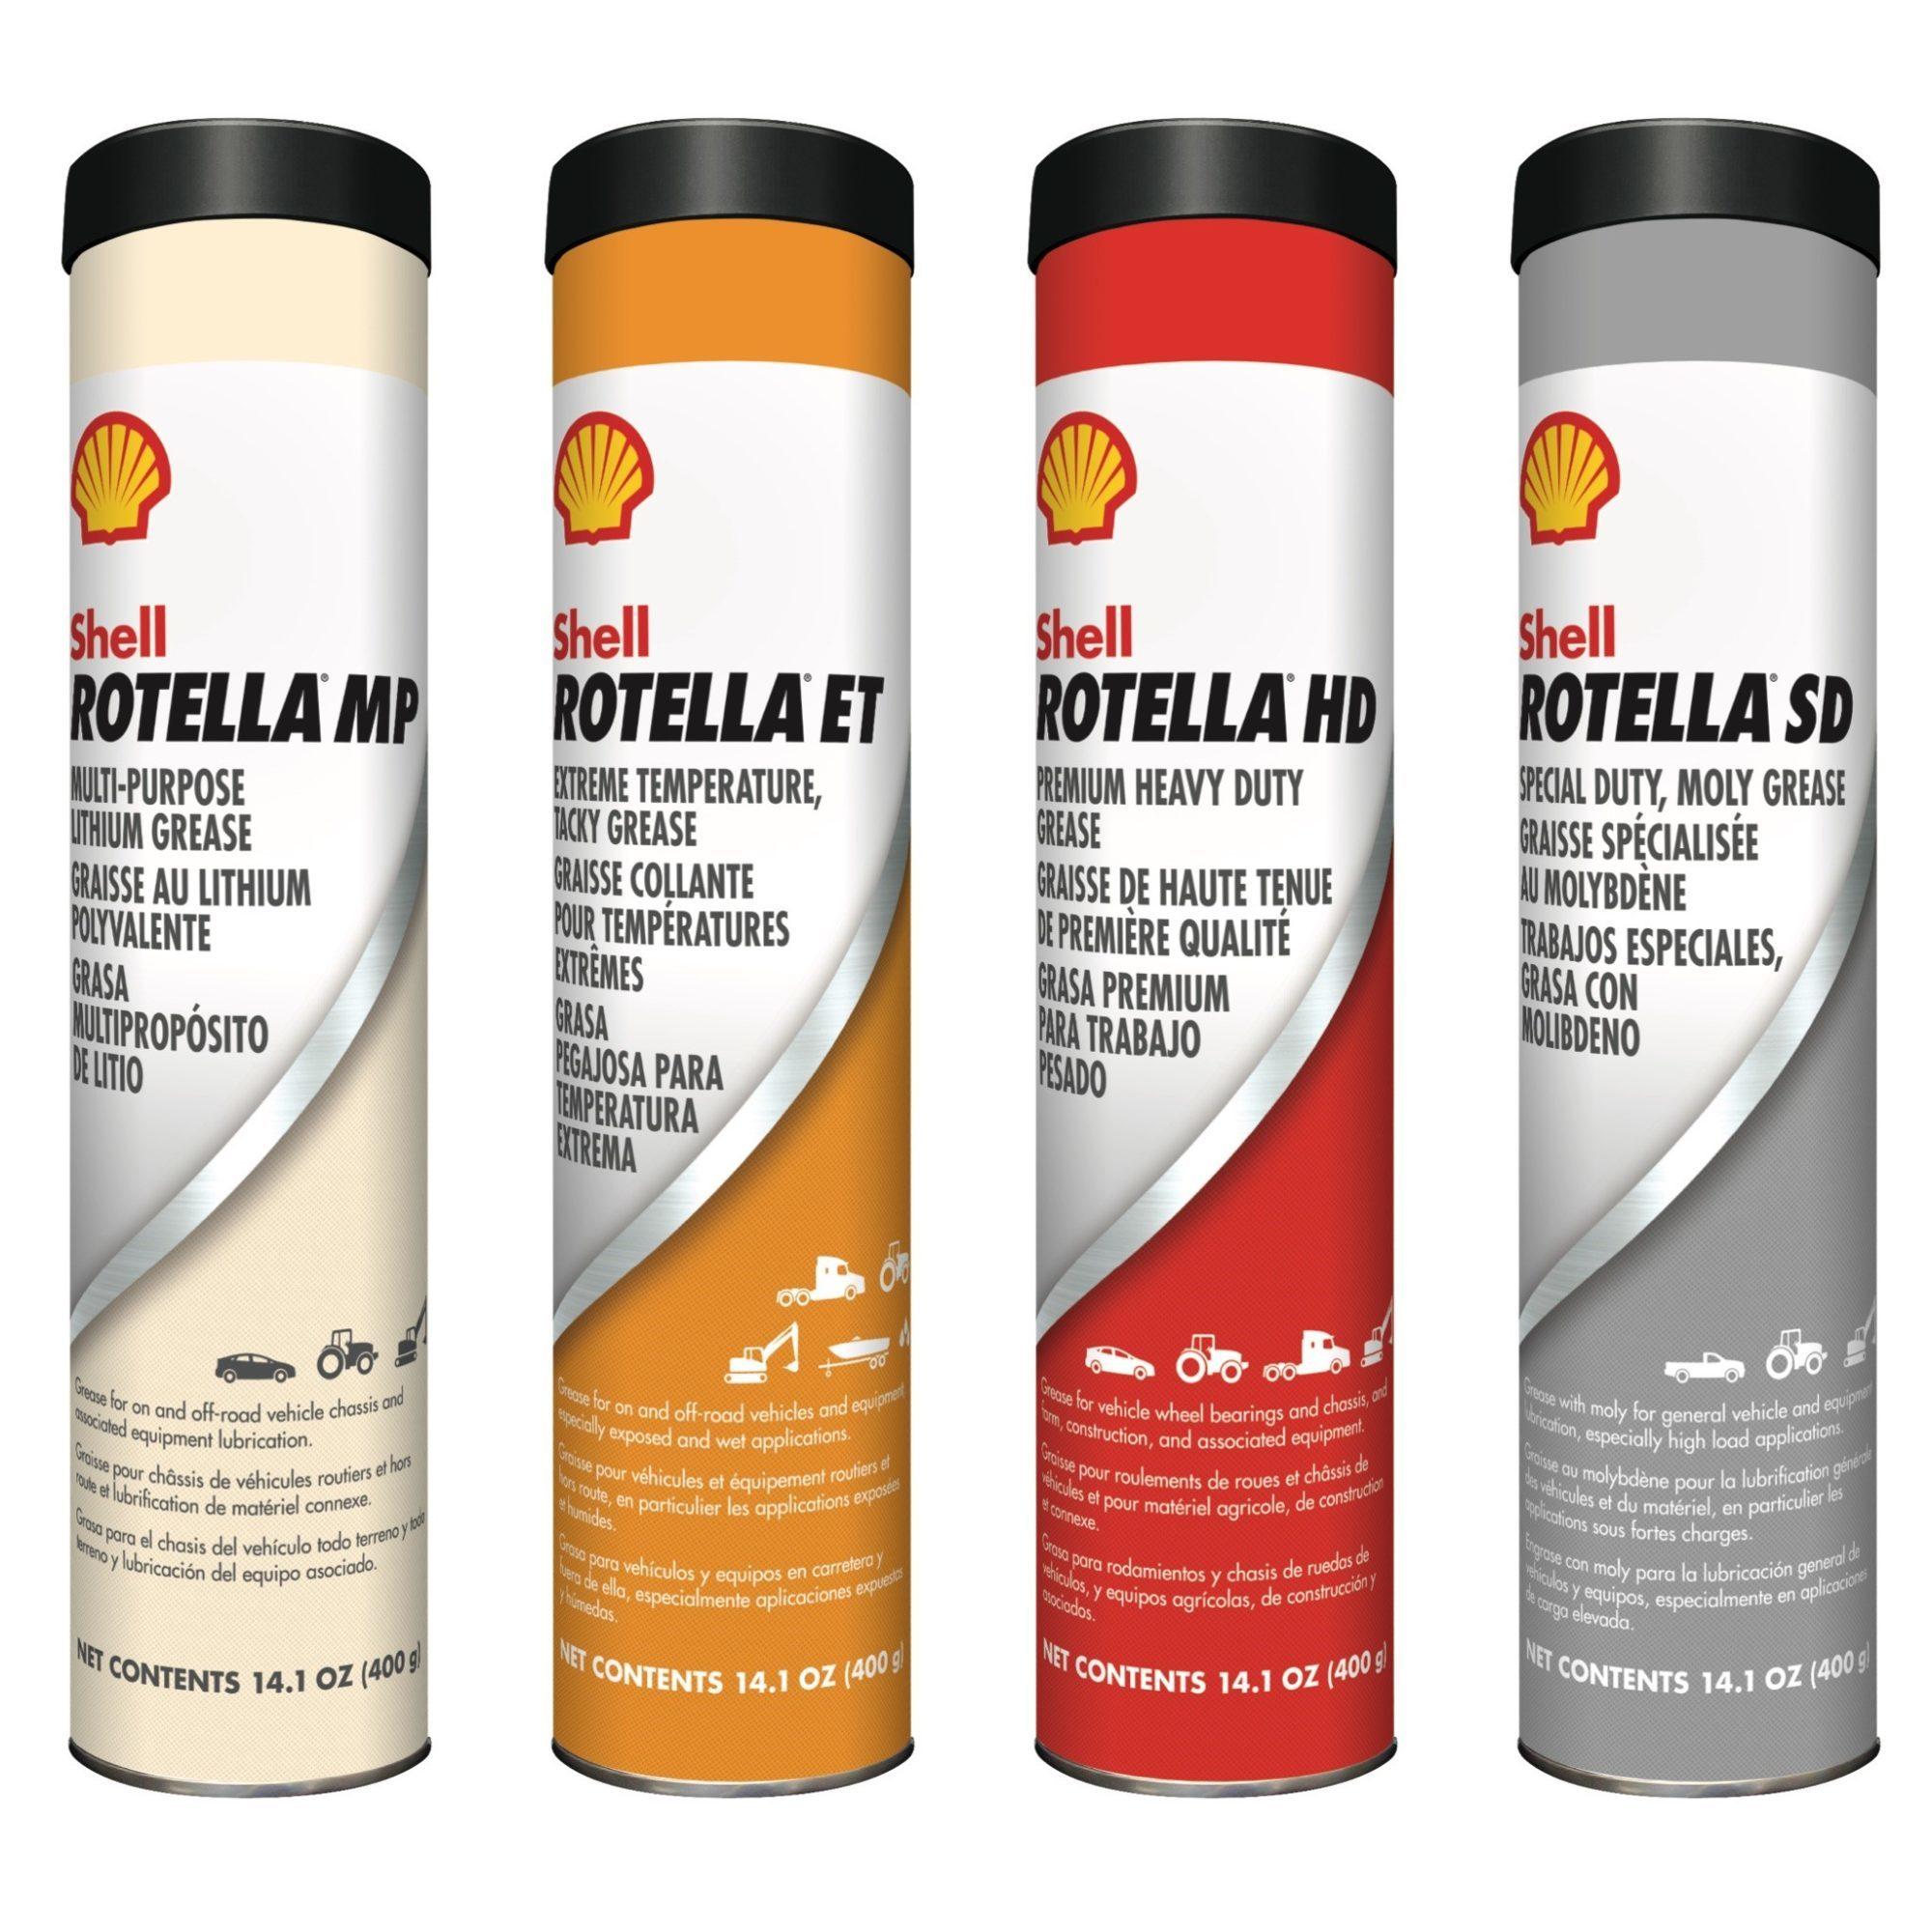 Shell Rotella grease